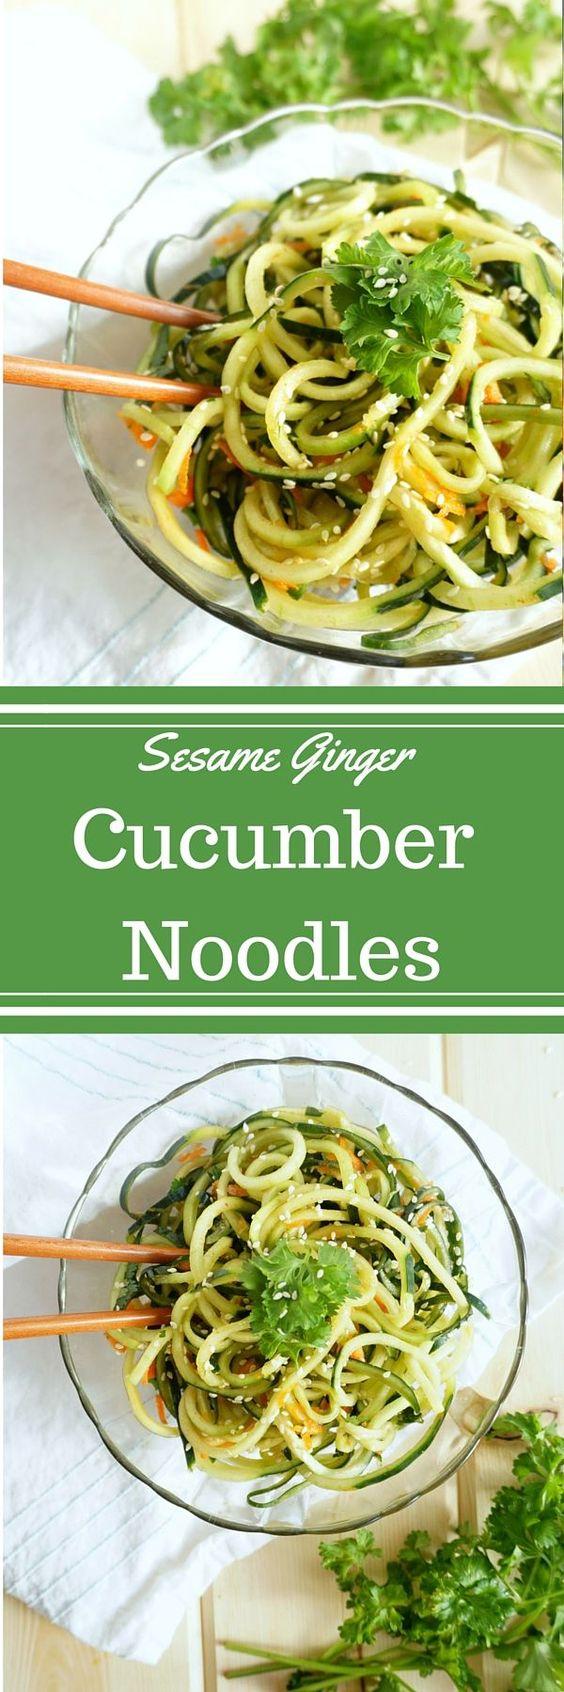 Raw Sesame Ginger Cucumber Noodles | Recipe | Noodles, Raw Apple Cider ...